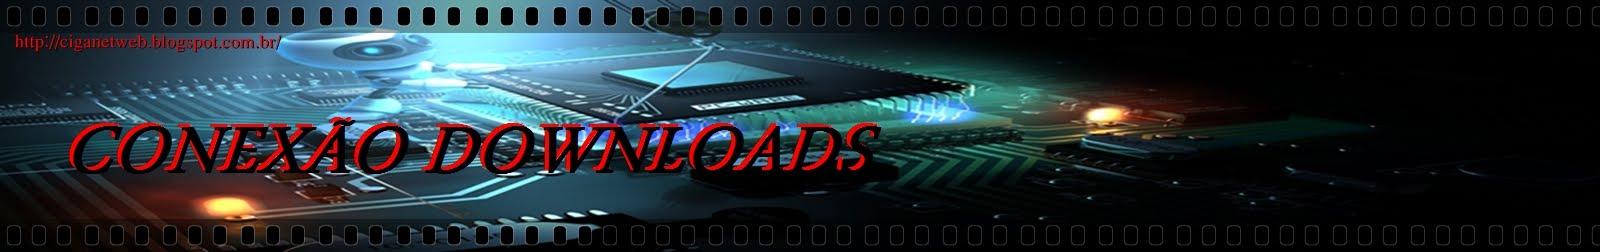 Conexão Downloads!